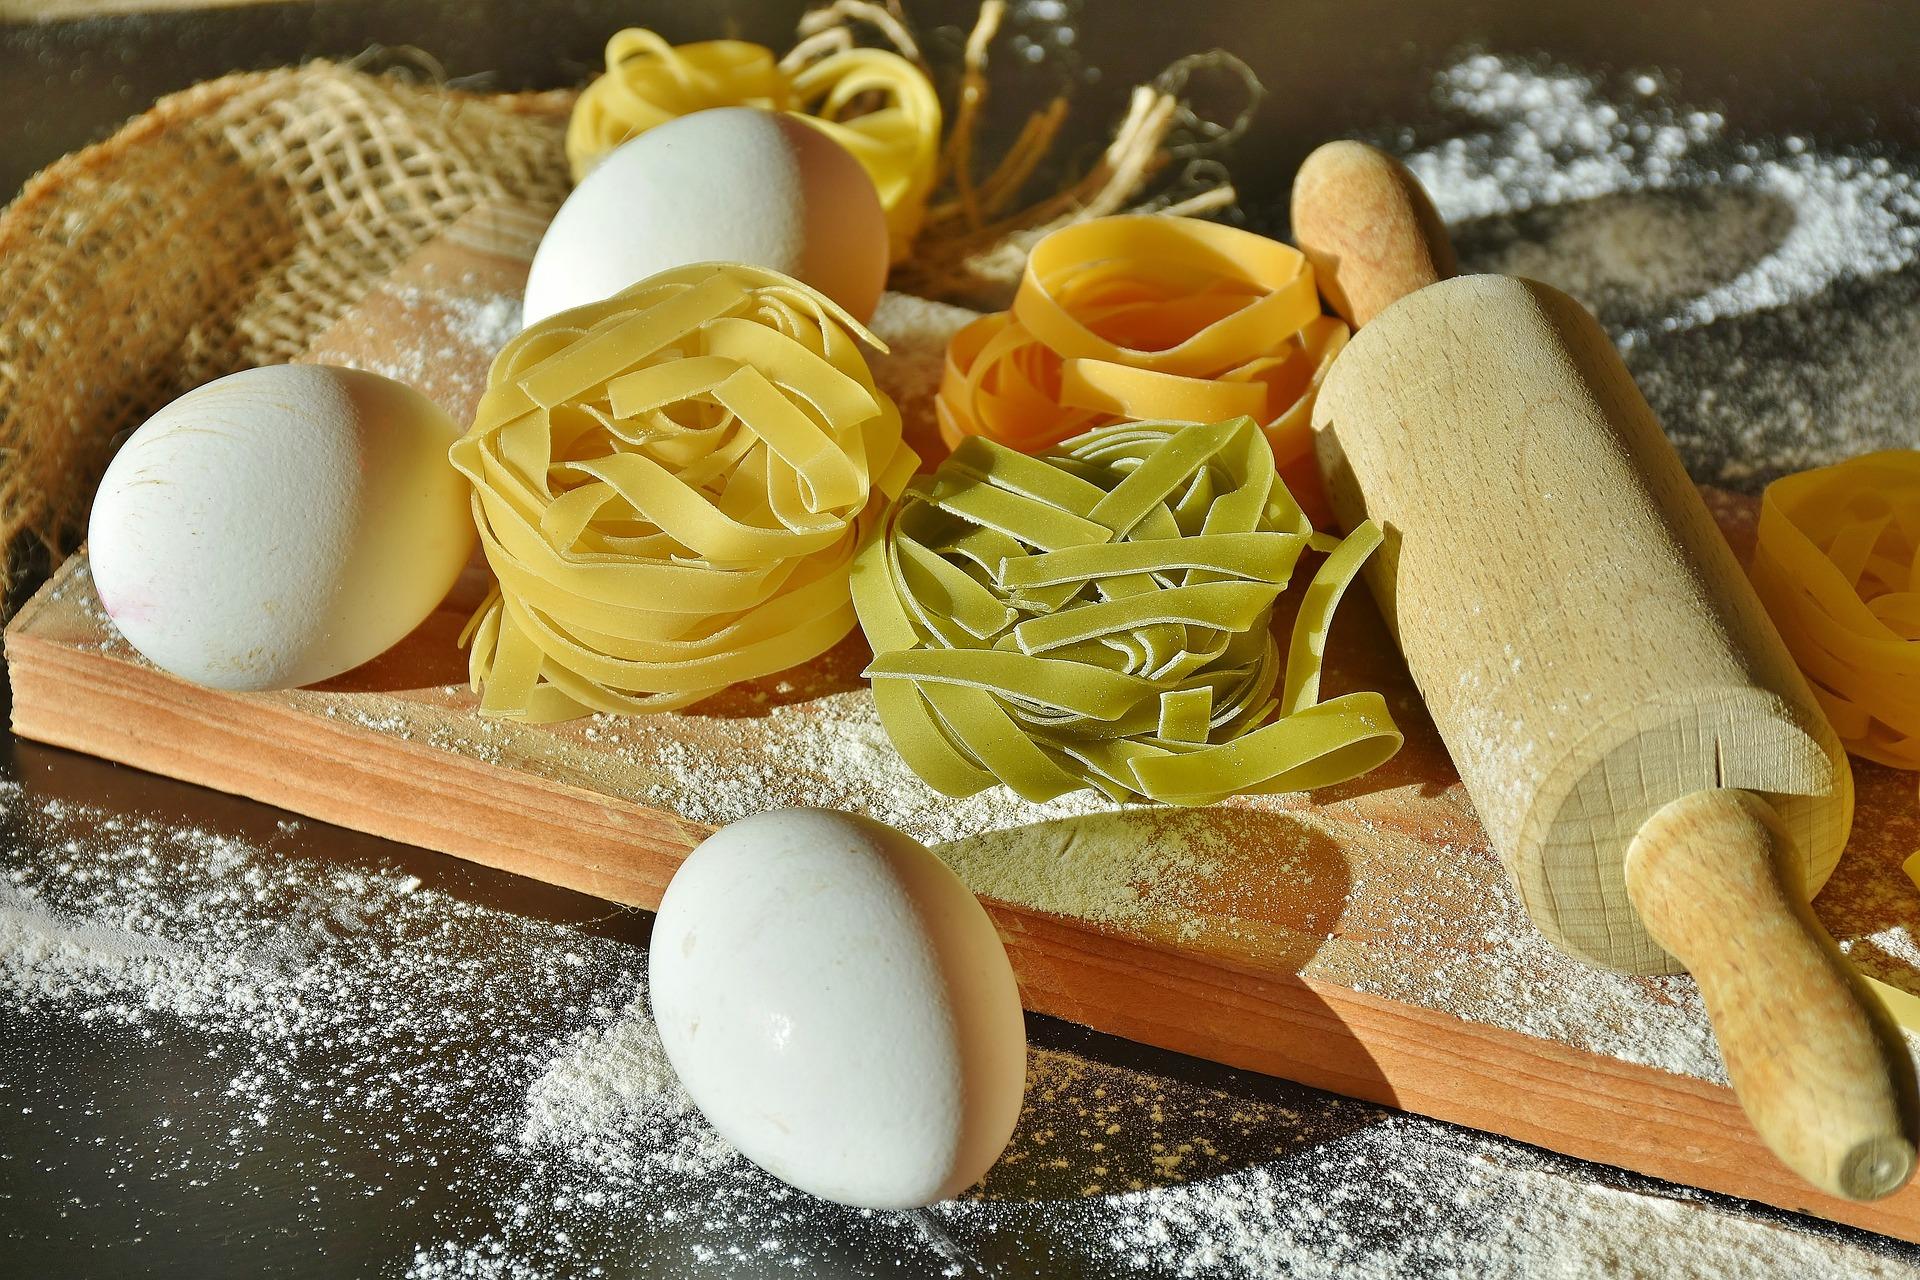 noodles-2321655_1920.jpg